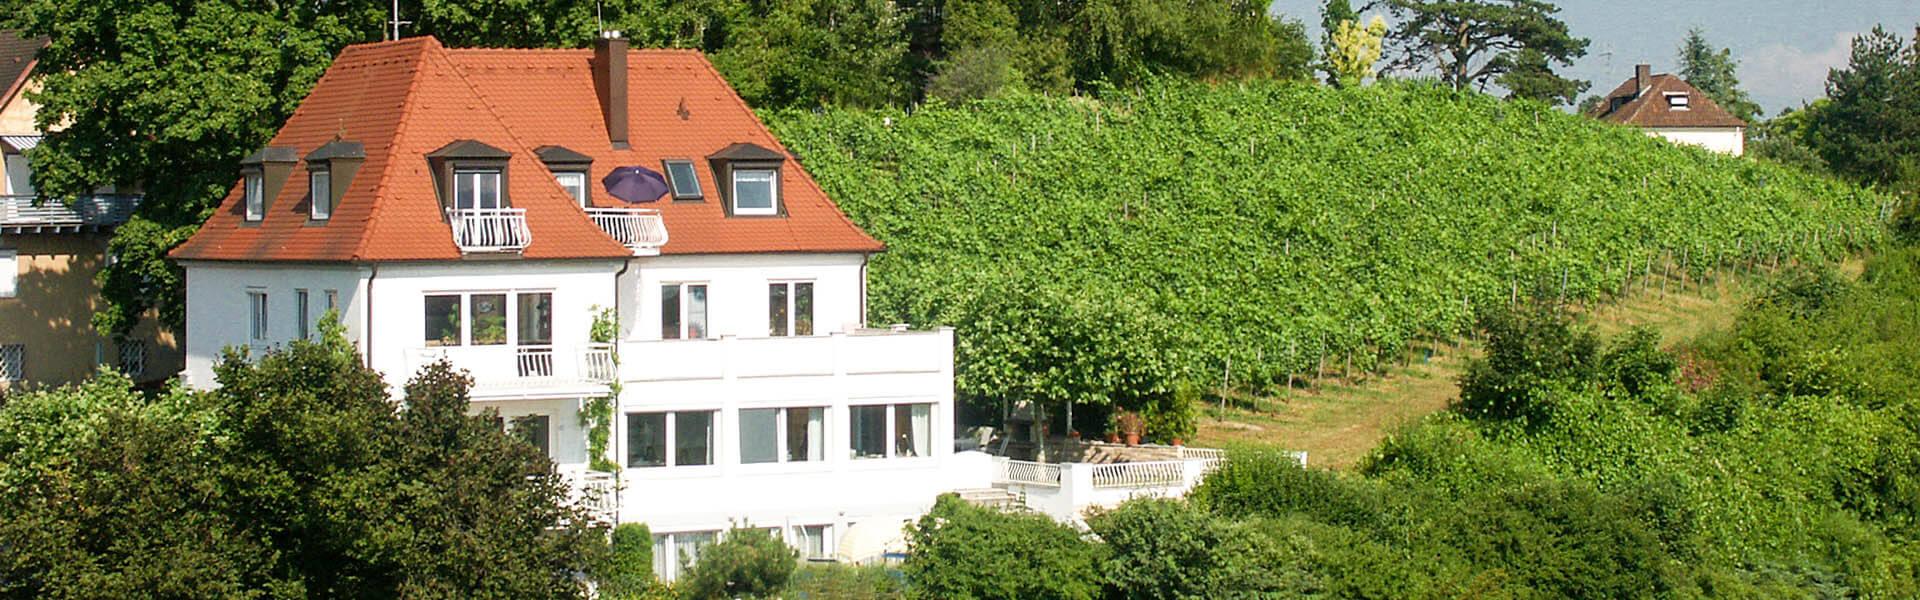 Gästehaus Schiff - komfortable Ferienwohnungen in der Burgenstadt Meersburg